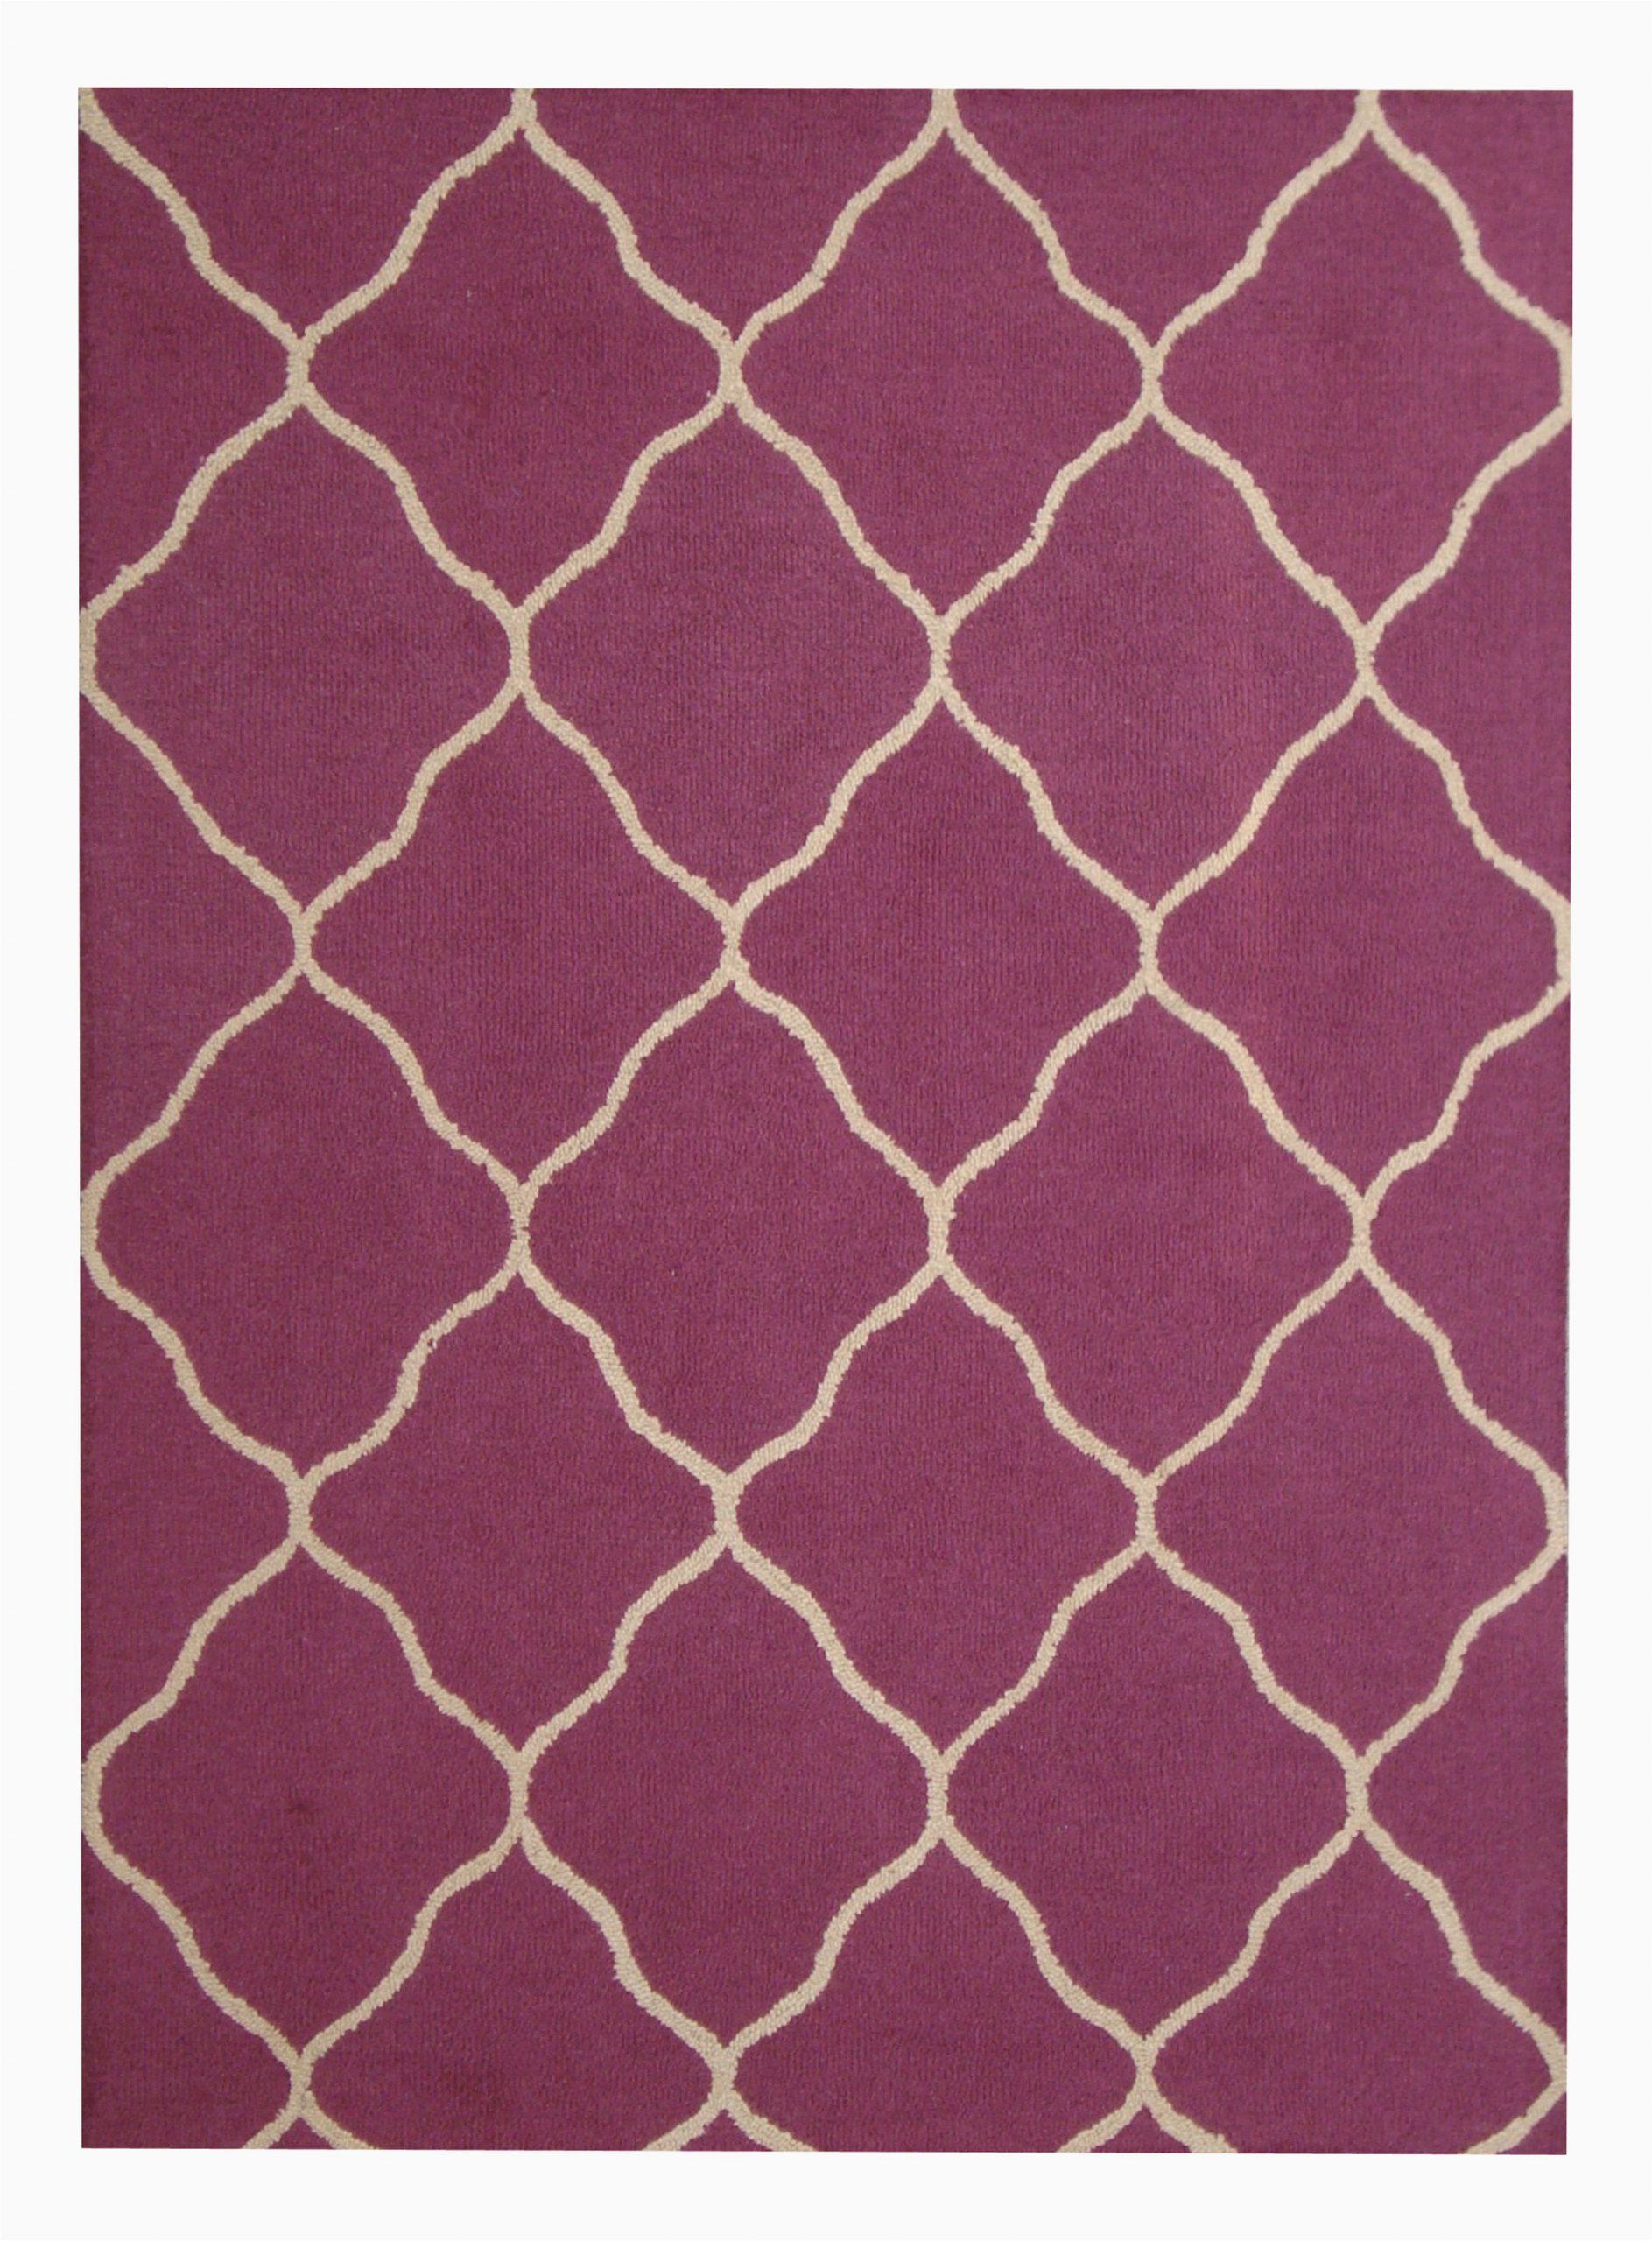 hand tufted wool purplebeige area rug